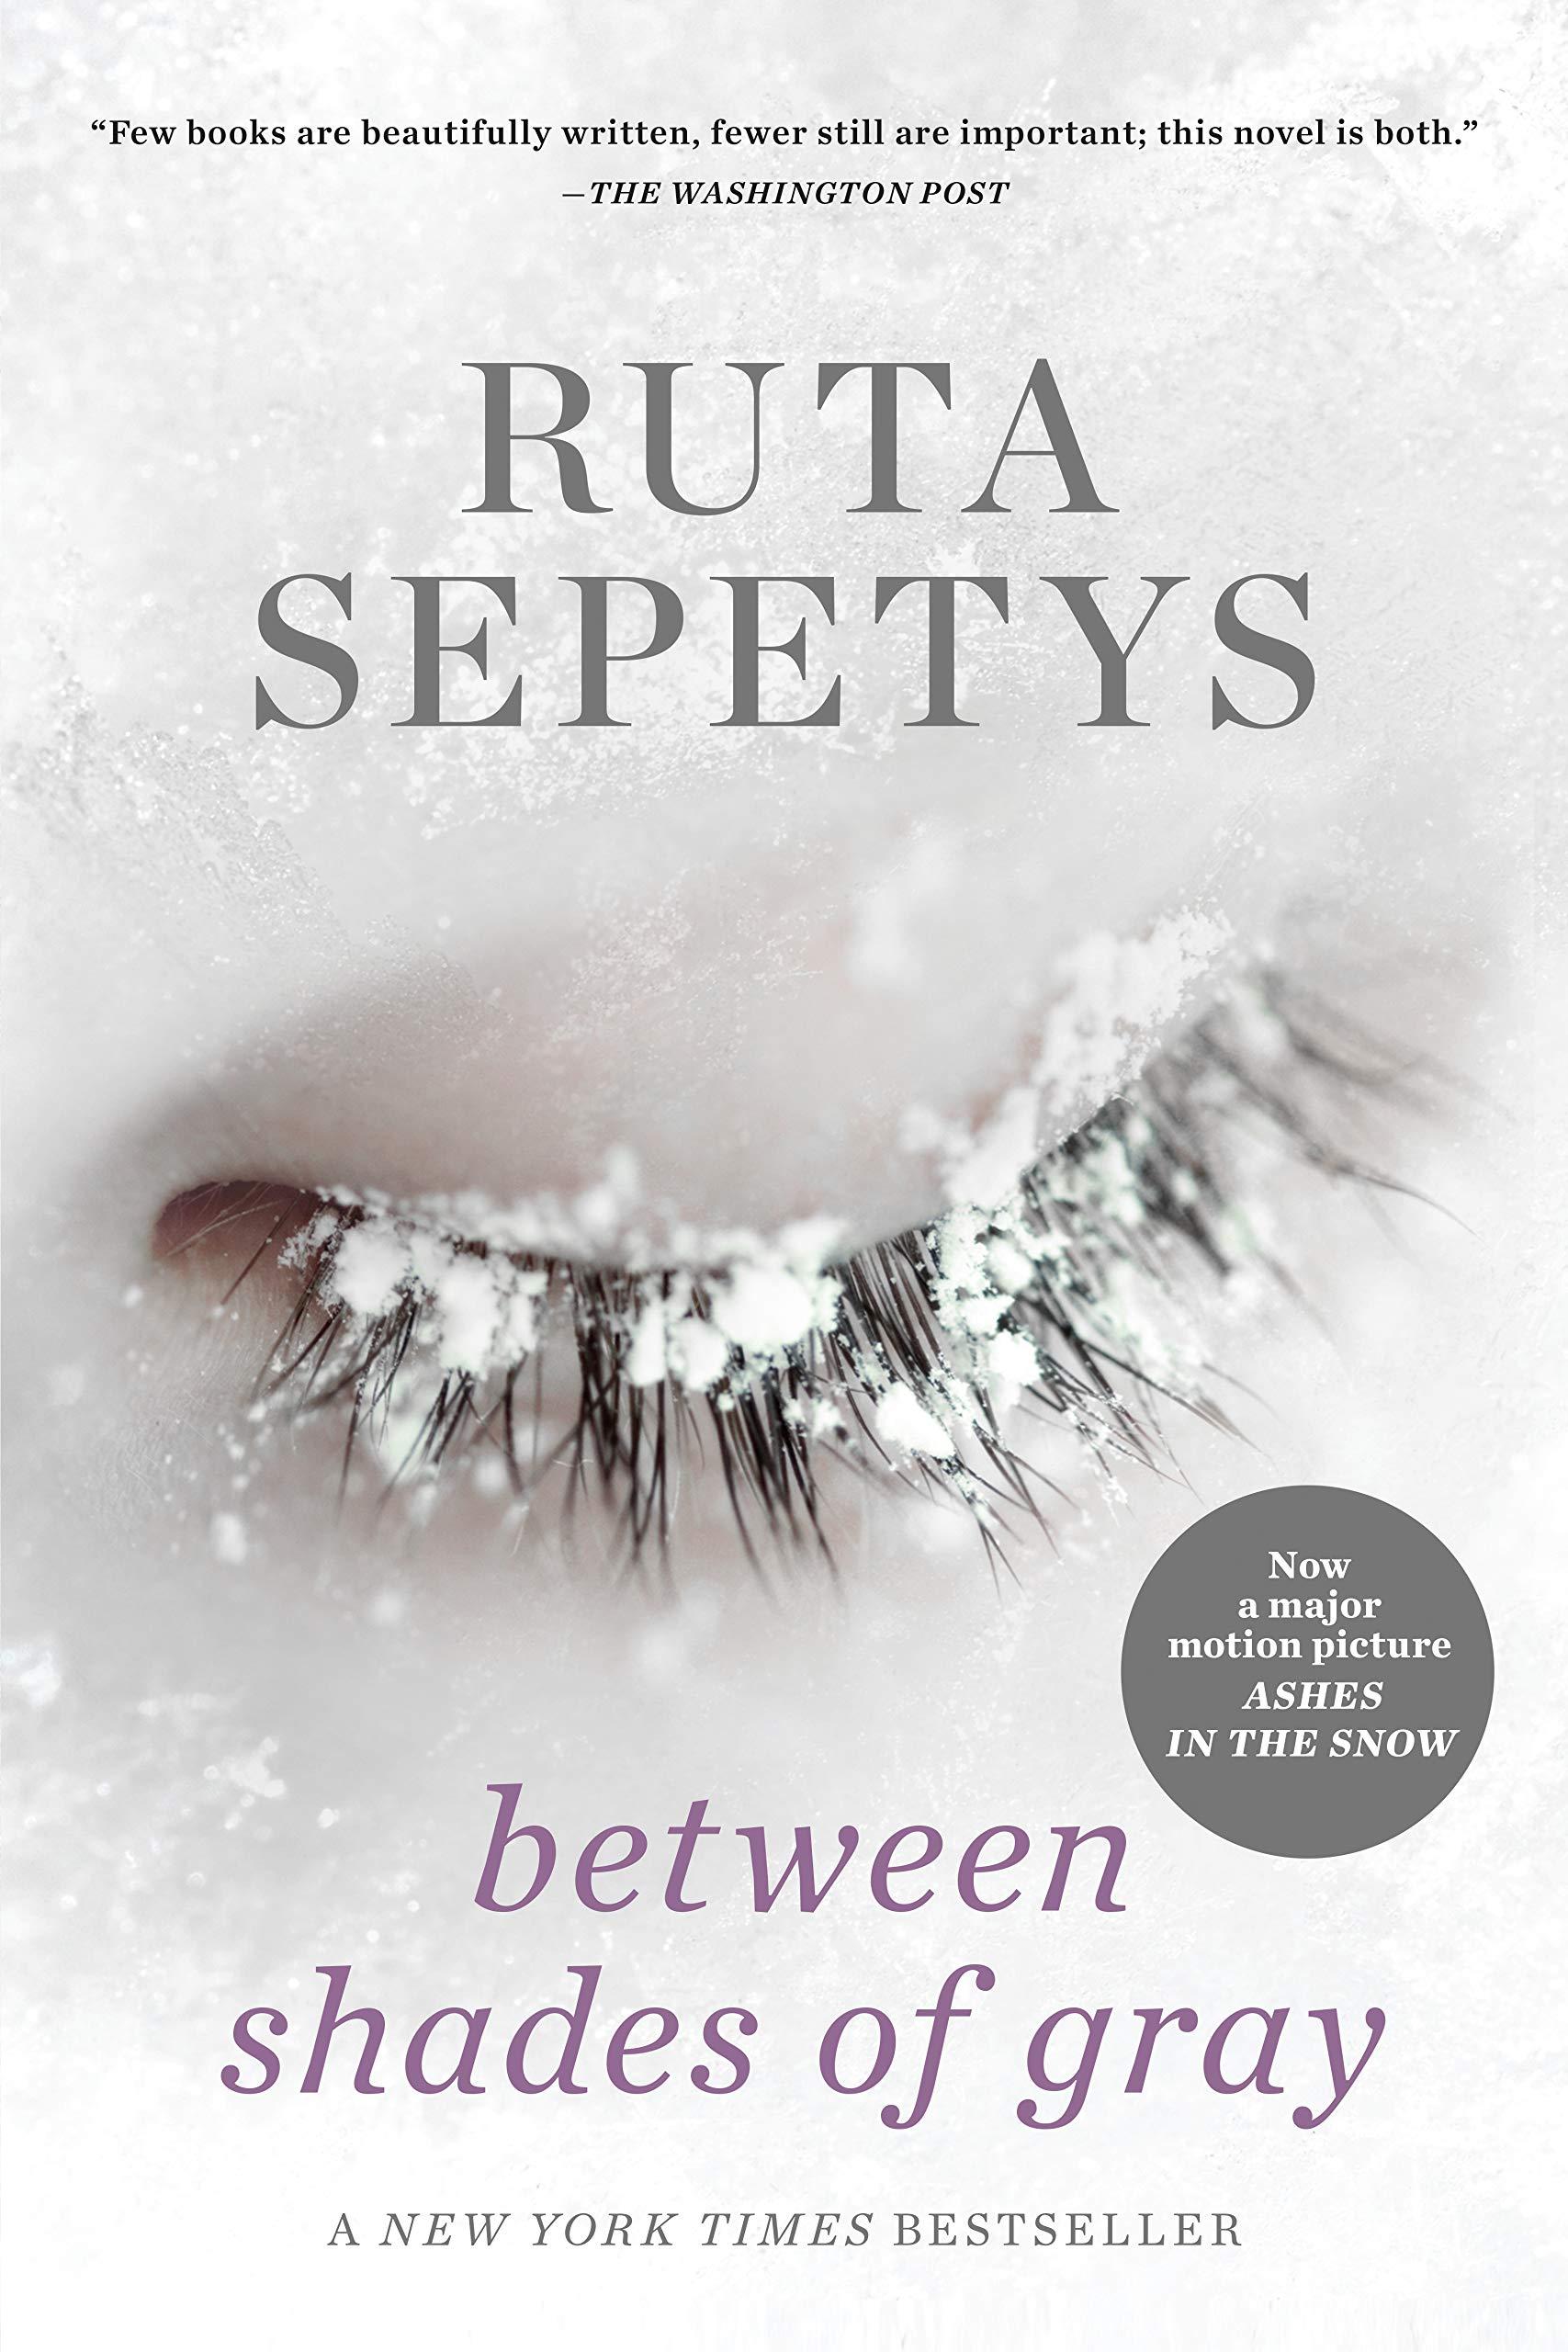 Between Shades Of Gray: Amazon.es: Ruta Sepetys: Libros en idiomas extranjeros